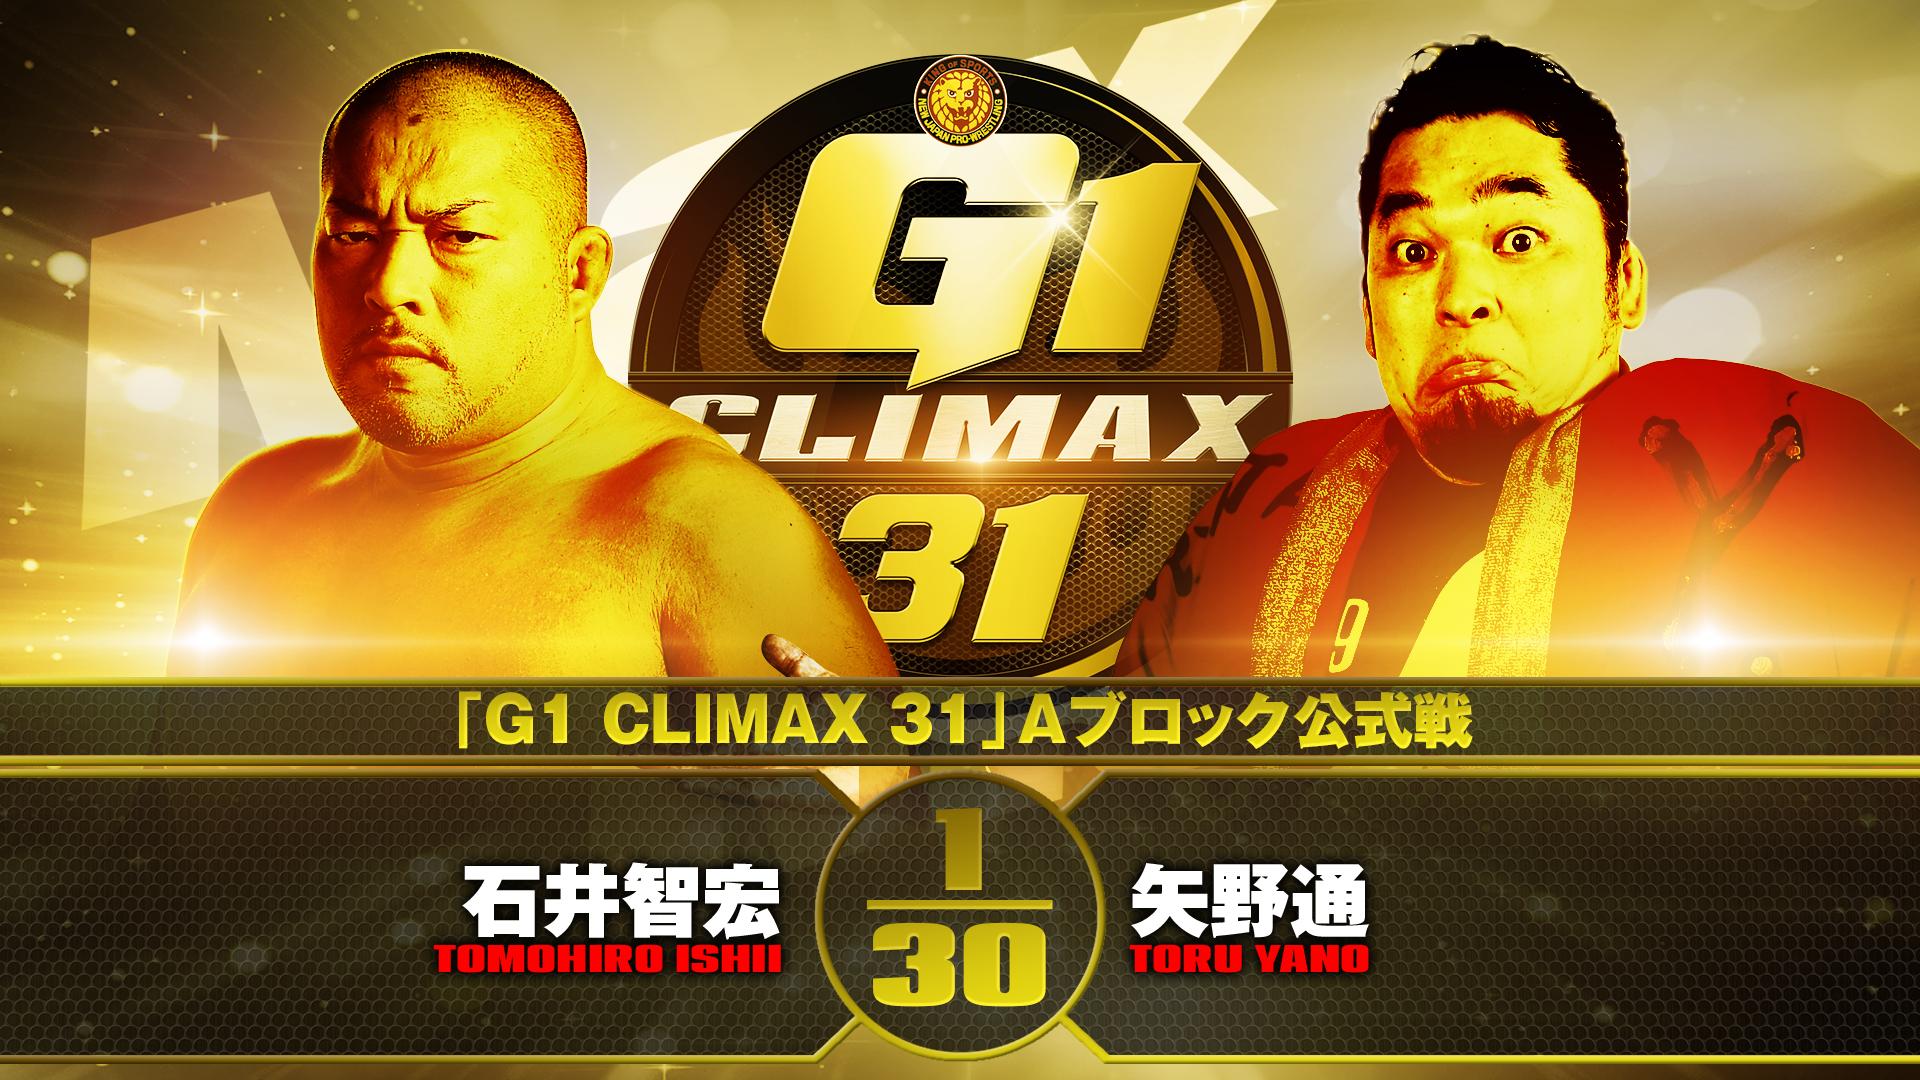 【第2試合】結果速報!新日本プロレス 2021年10月18日『G1 CLIMAX 31』